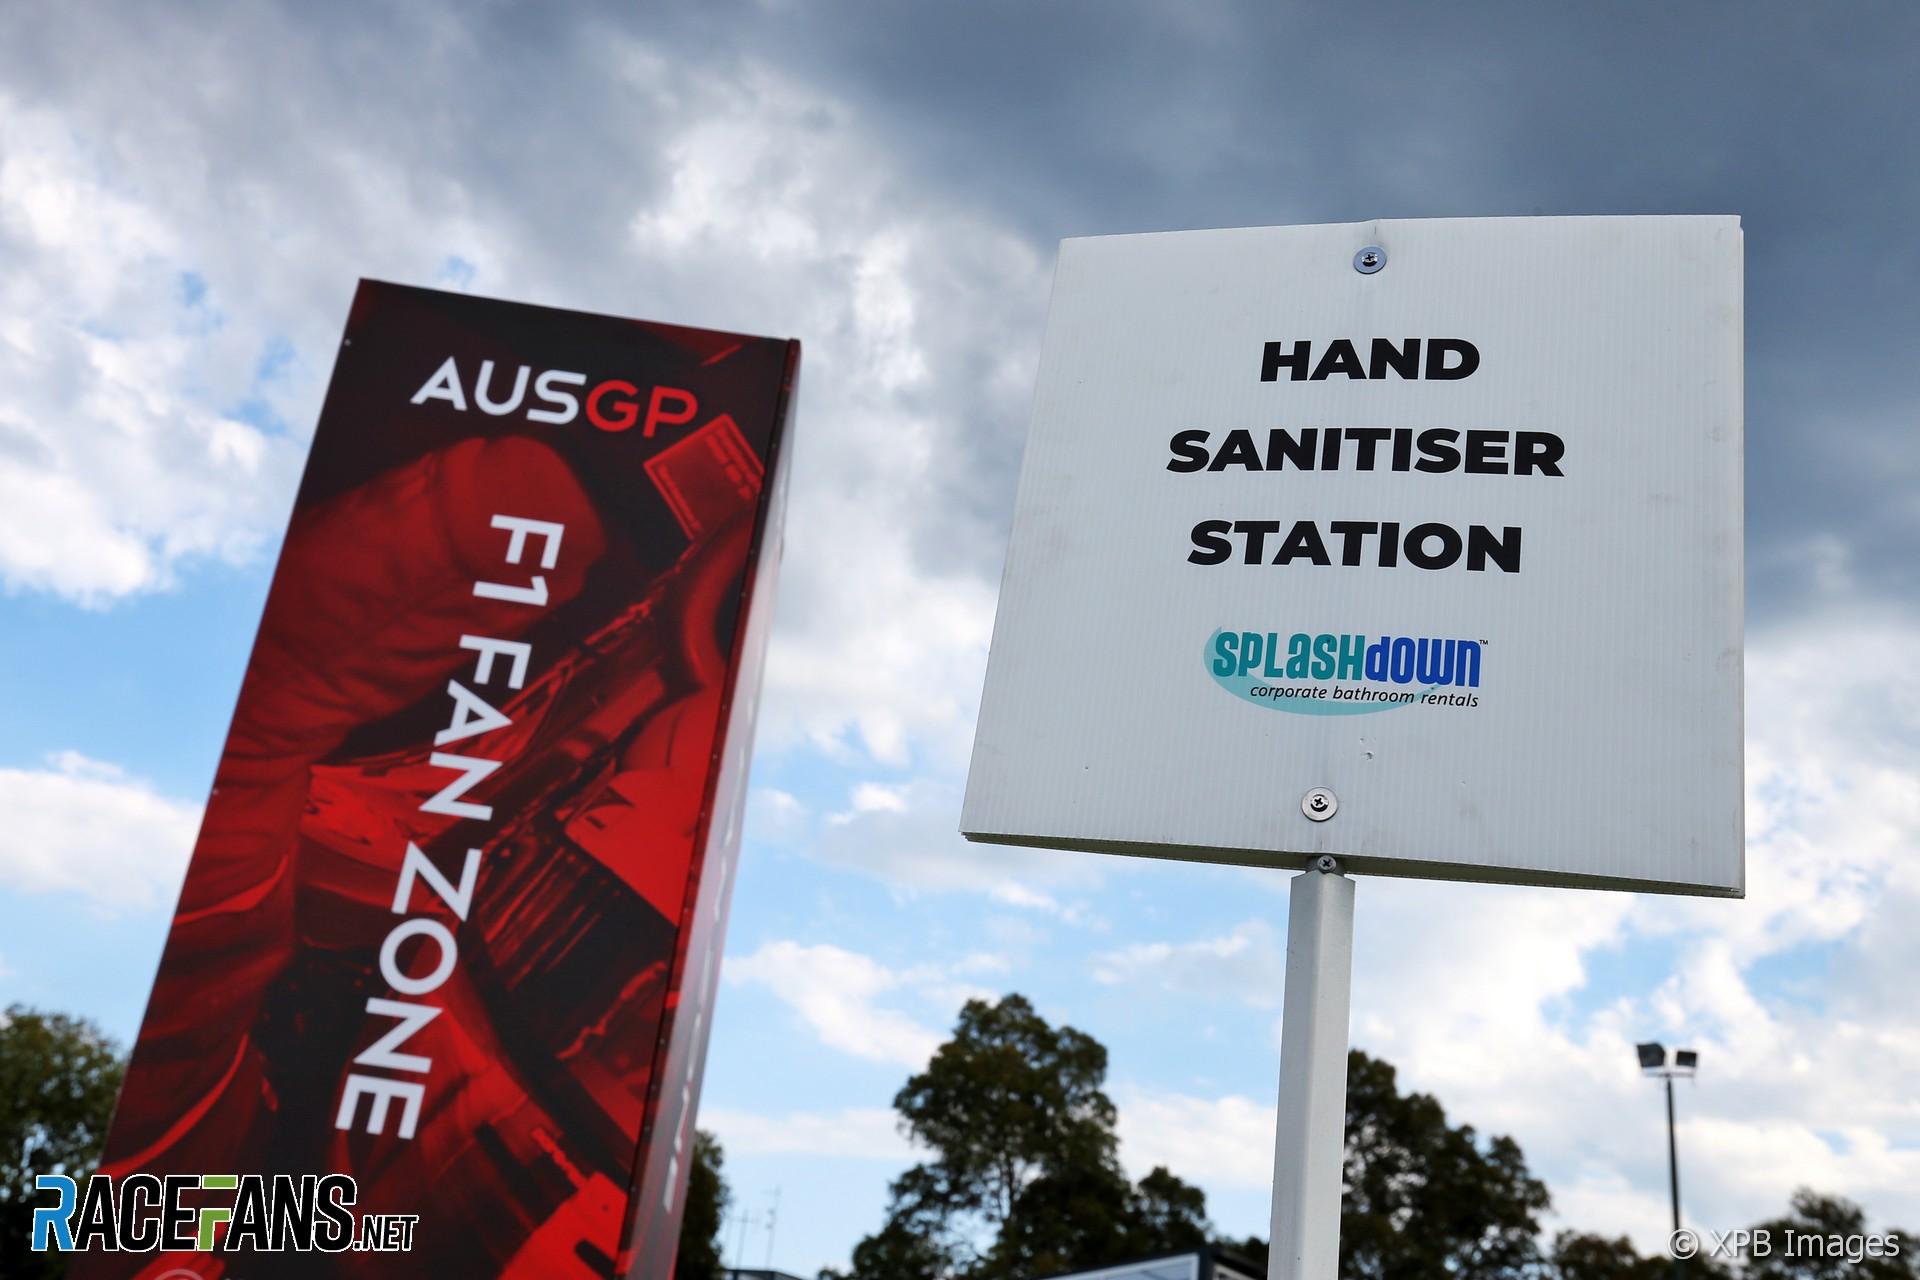 Hand sanitiser station, Albert Park, Melbourne, 2020